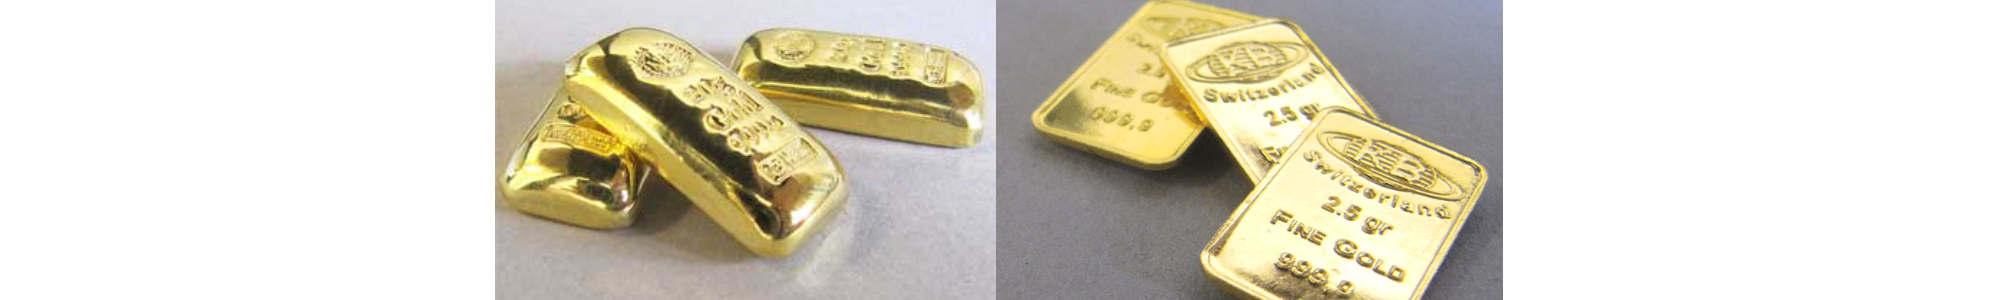 Goldbarren Varianten